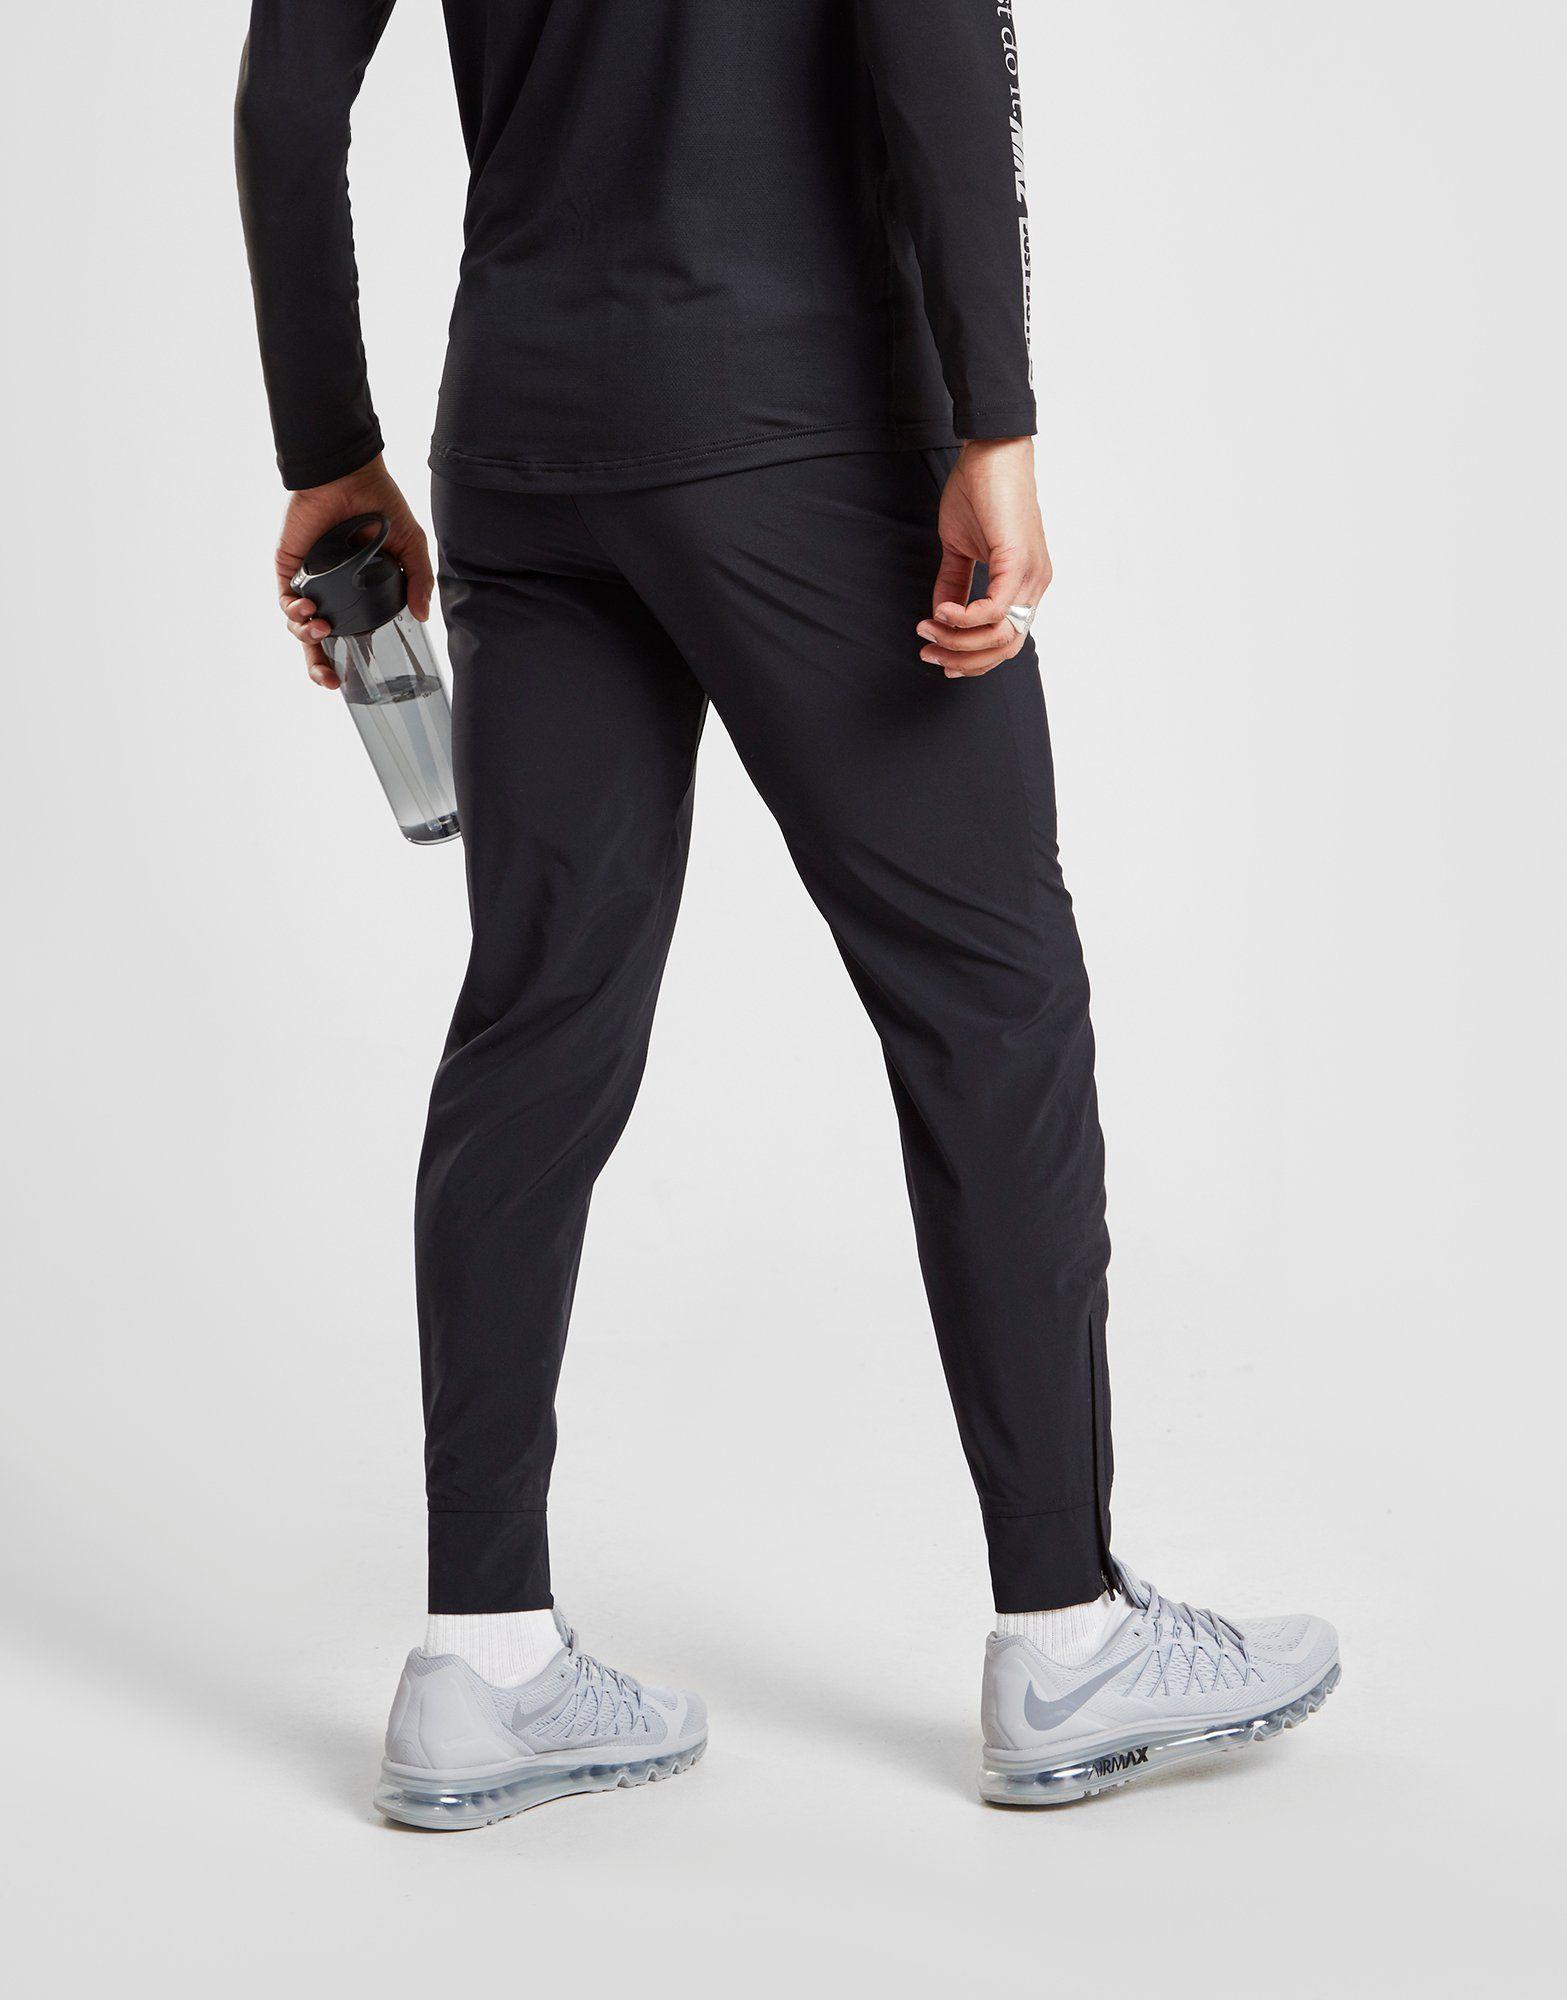 Nike Pantalon de survêtement Flexible Woven Homme